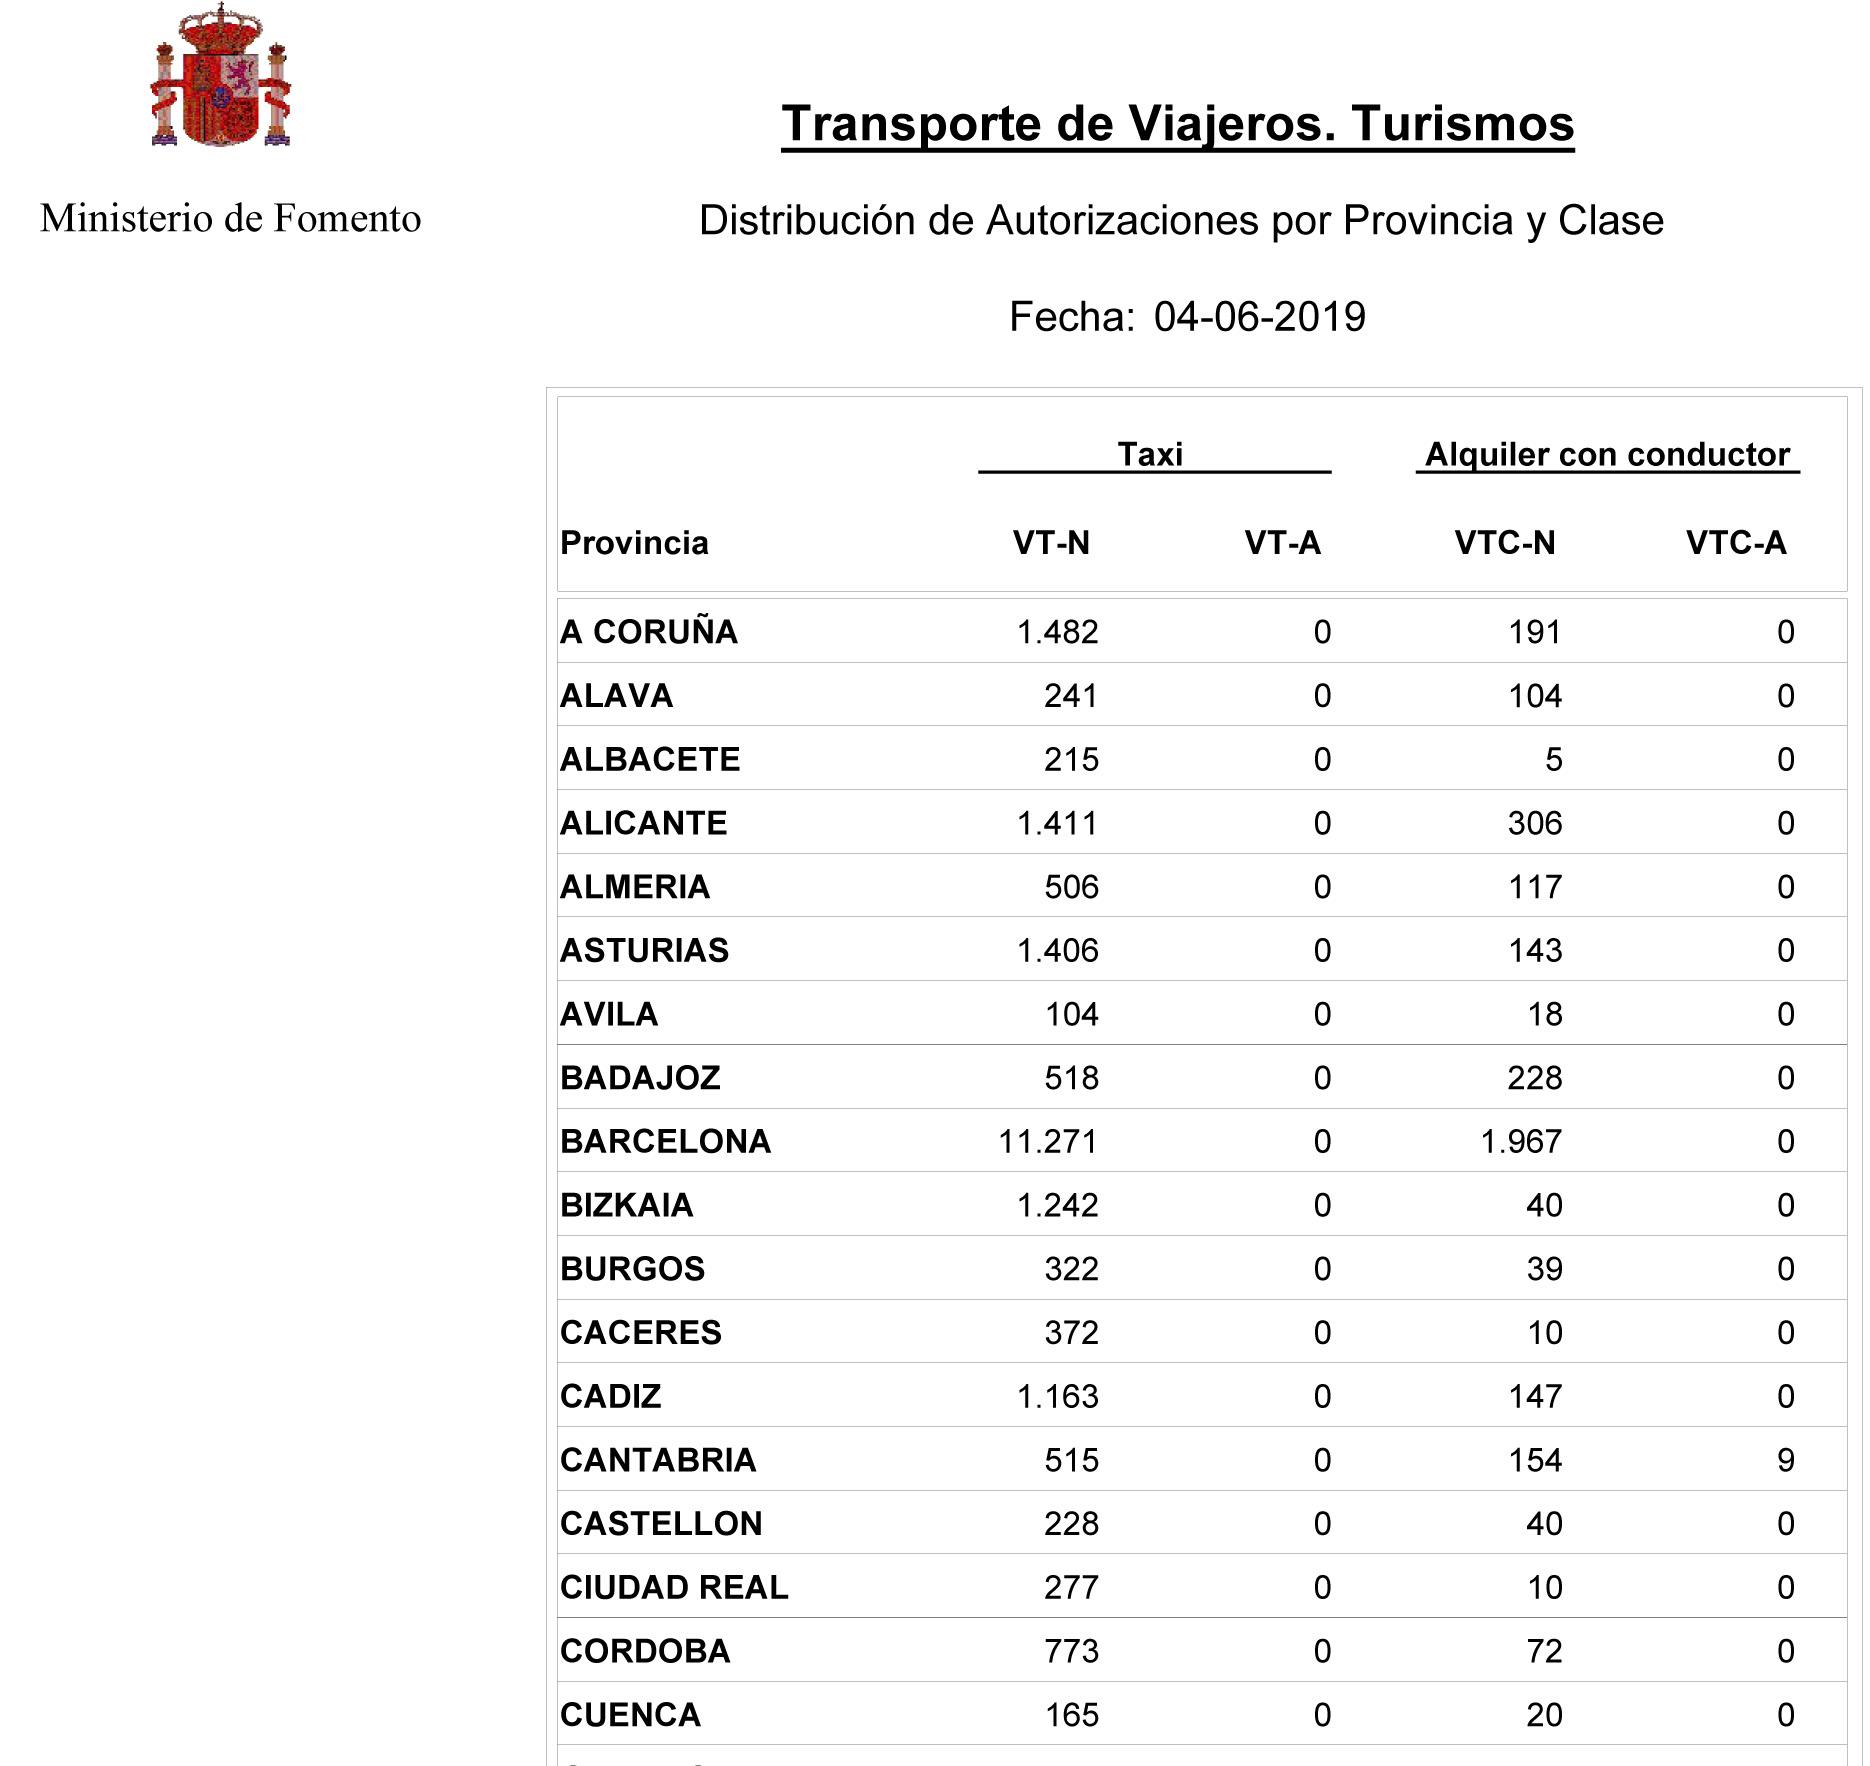 España tiene ya cerca de 15.000 VTCs